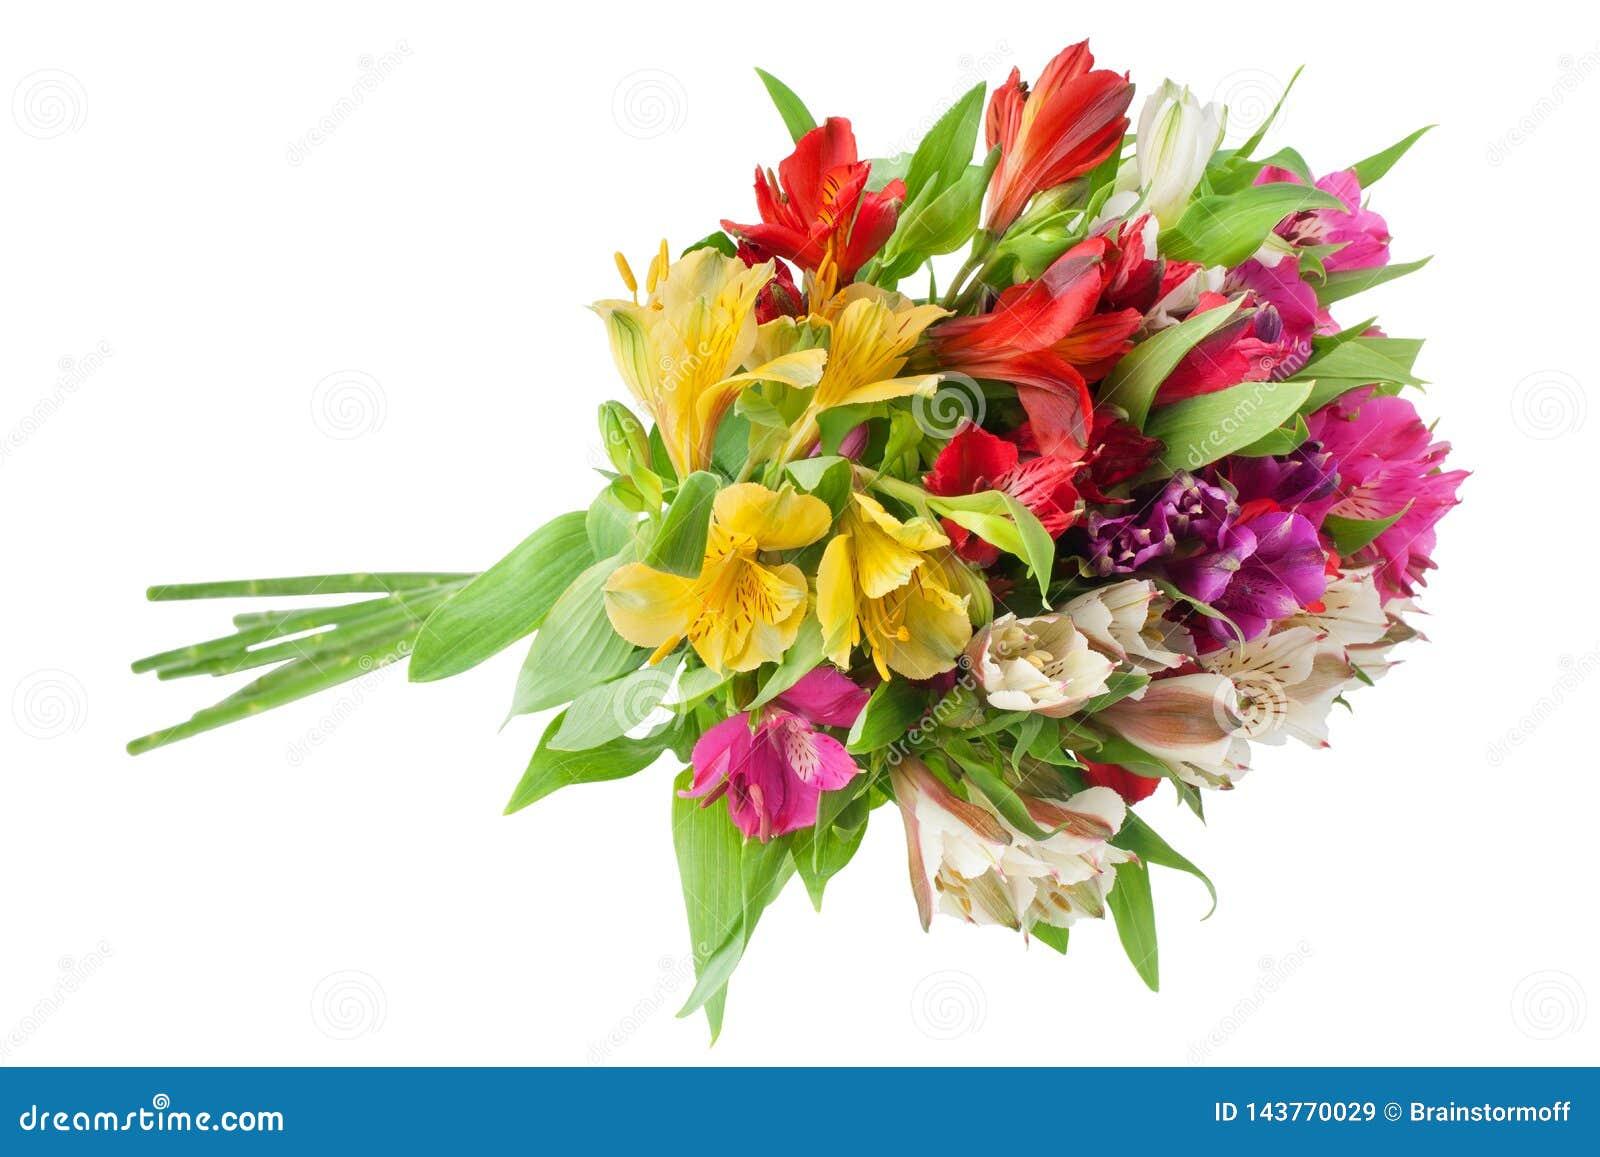 Ramo redondo del alstroemeria de las flores multicoloras de los lirios en el primer aislado fondo blanco